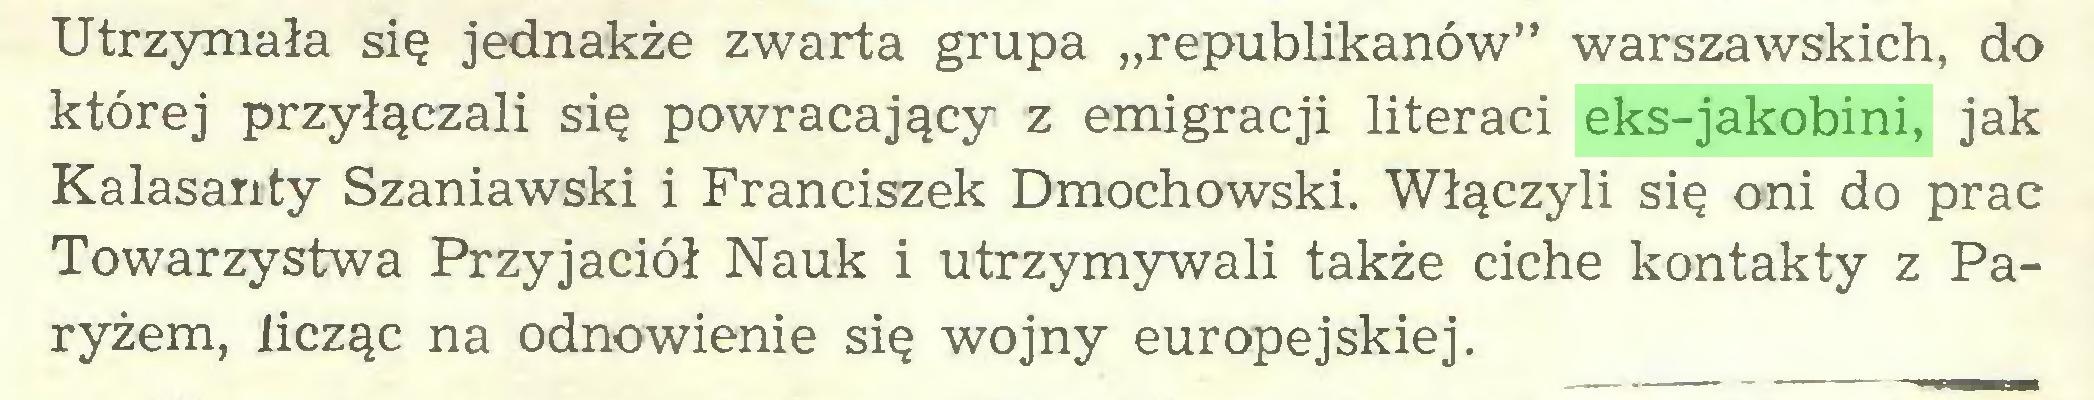 """(...) Utrzymała się jednakże zwarta grupa """"republikanów"""" warszawskich, do której przyłączali się powracający z emigracji literaci eks-jakobini, jak Kalasanty Szaniawski i Franciszek Dmochowski. Włączyli się oni do prac Towarzystwa Przyjaciół Nauk i utrzymywali także ciche kontakty z Paryżem, licząc na odnowienie się wojny europejskiej..."""